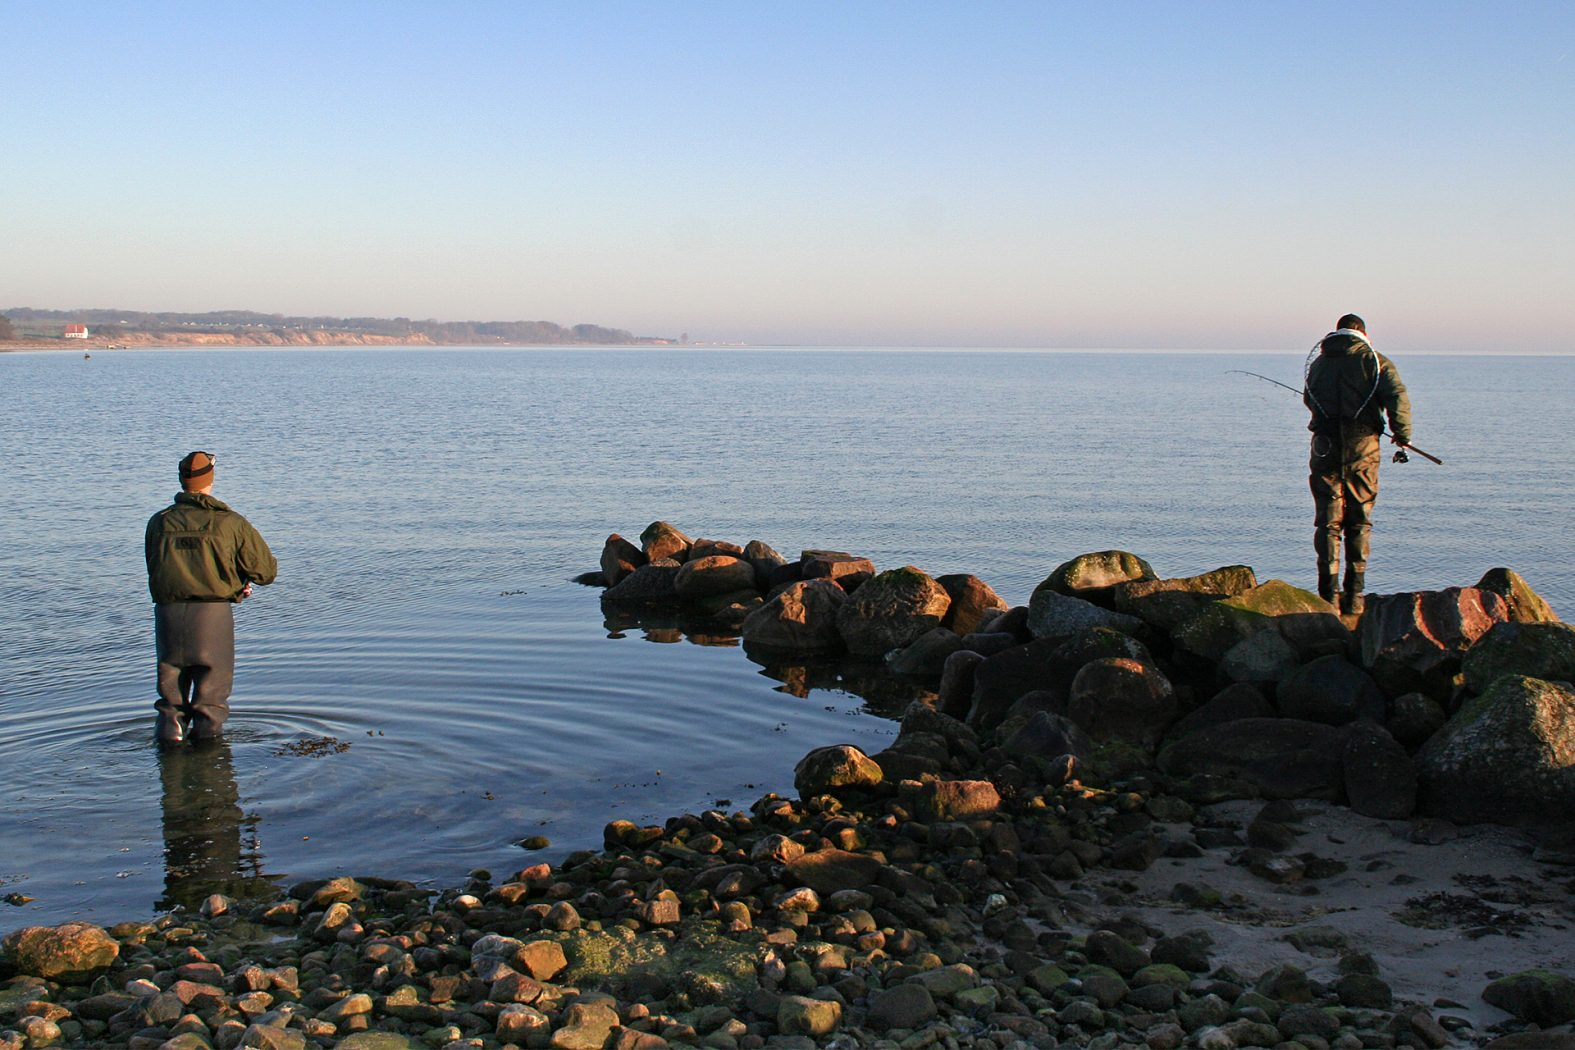 Meerforellen Angeln auf Als in Dänemark